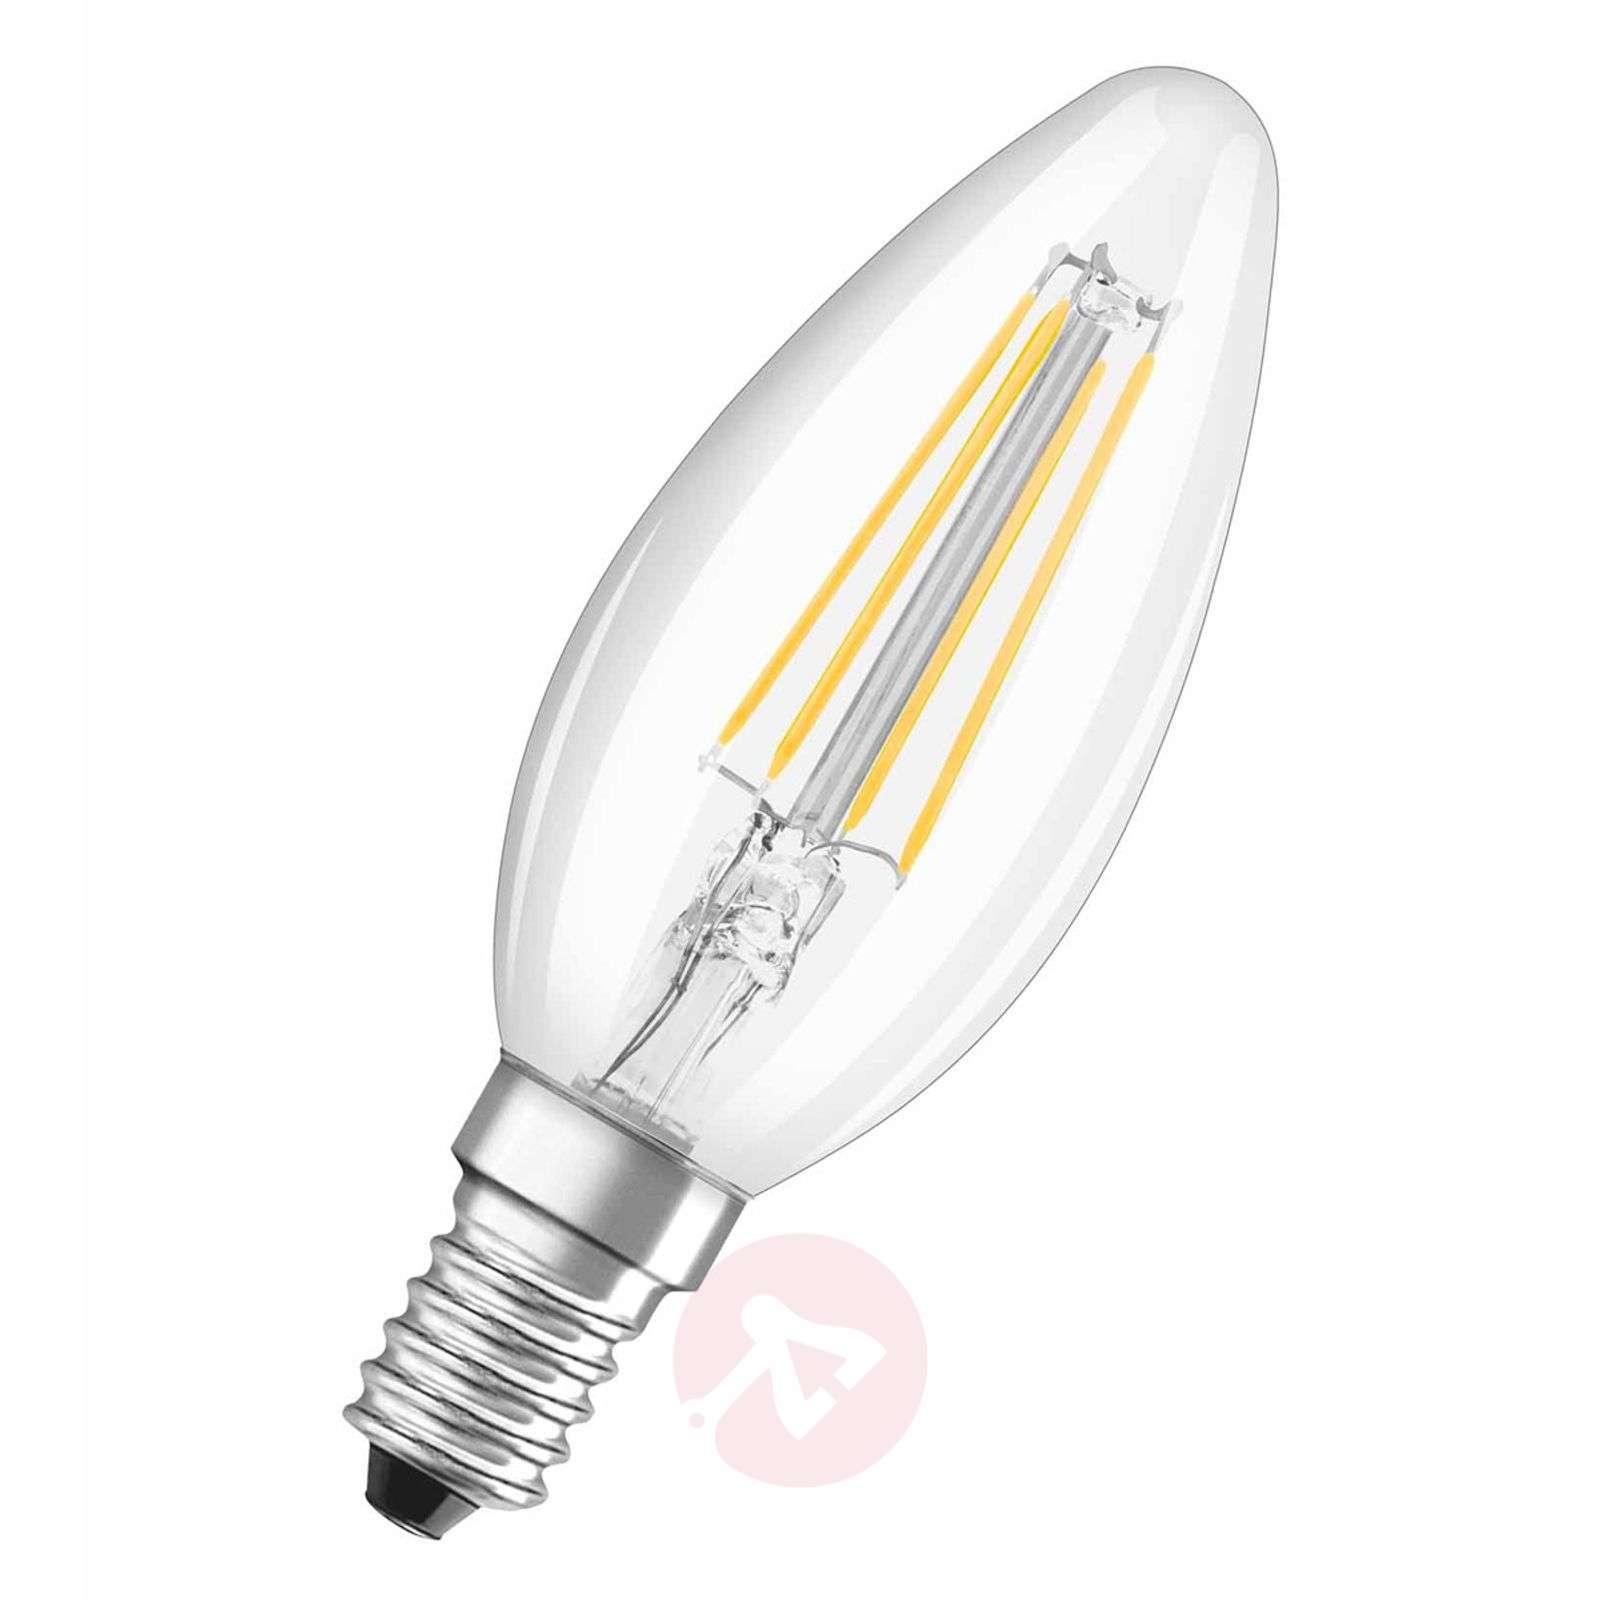 E14 4 W 827 filament LED candle bulb, set of two-7260966-01